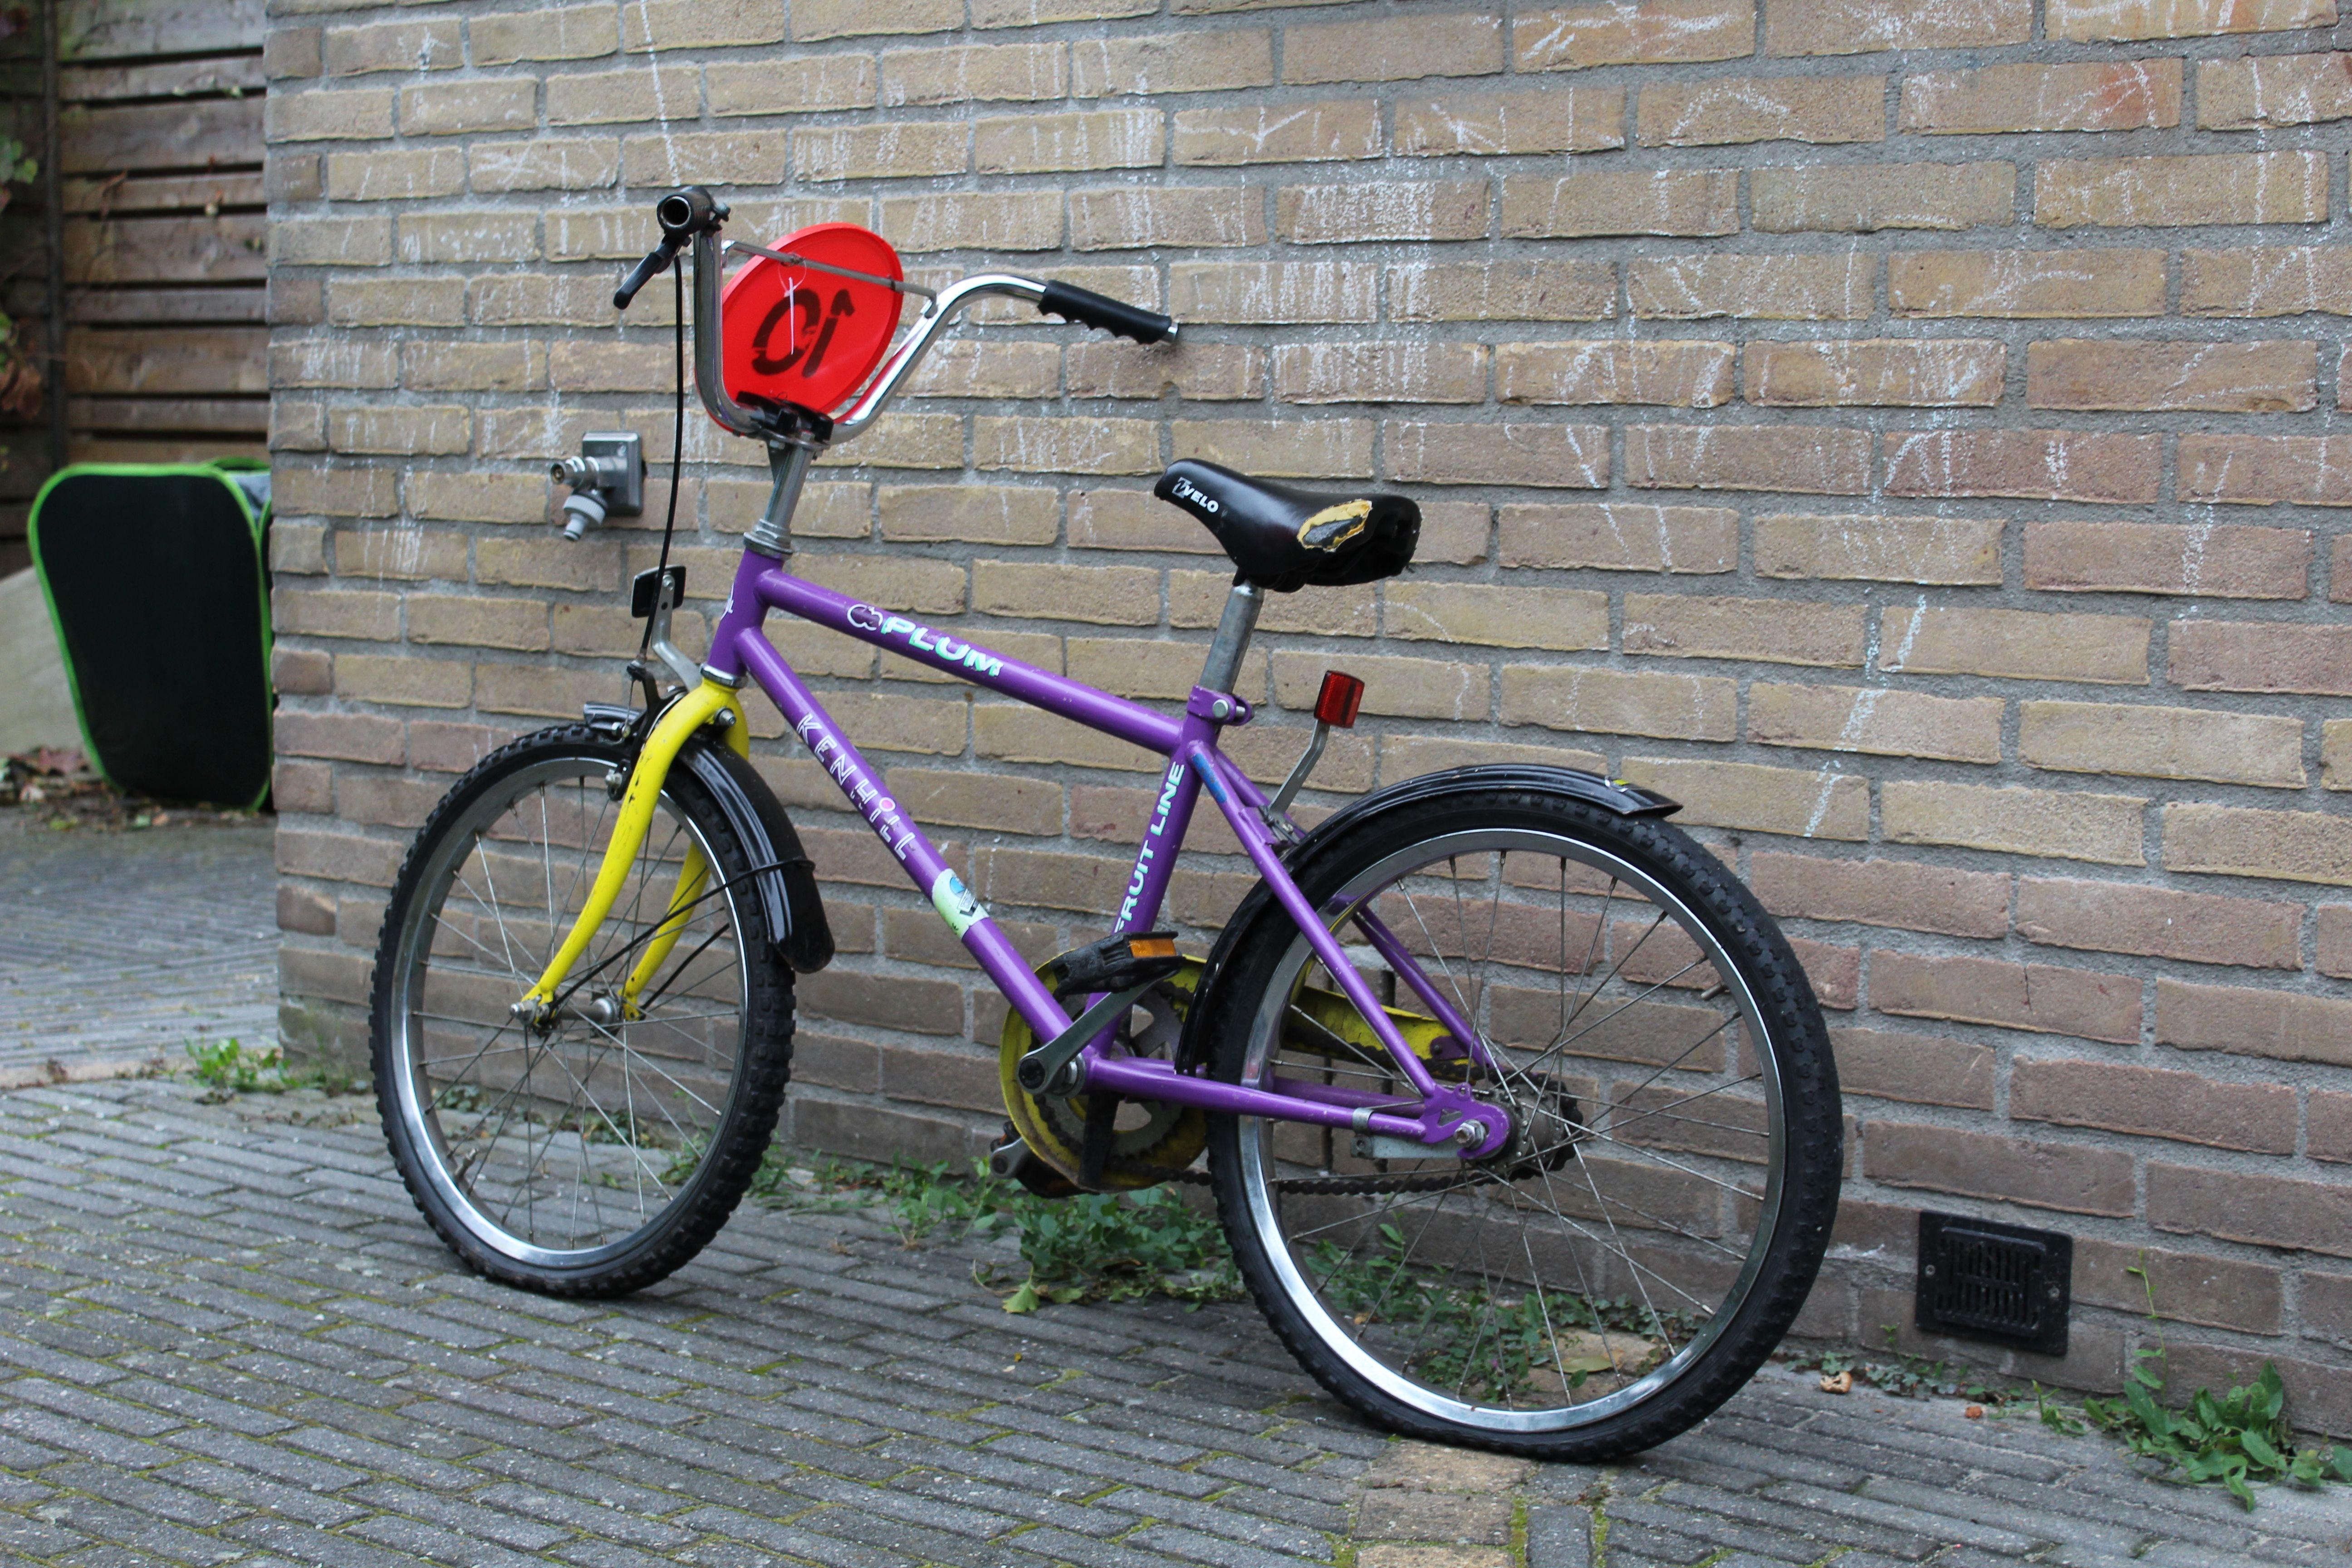 Kenhill bmx bike | Fiets Laura | Pinterest